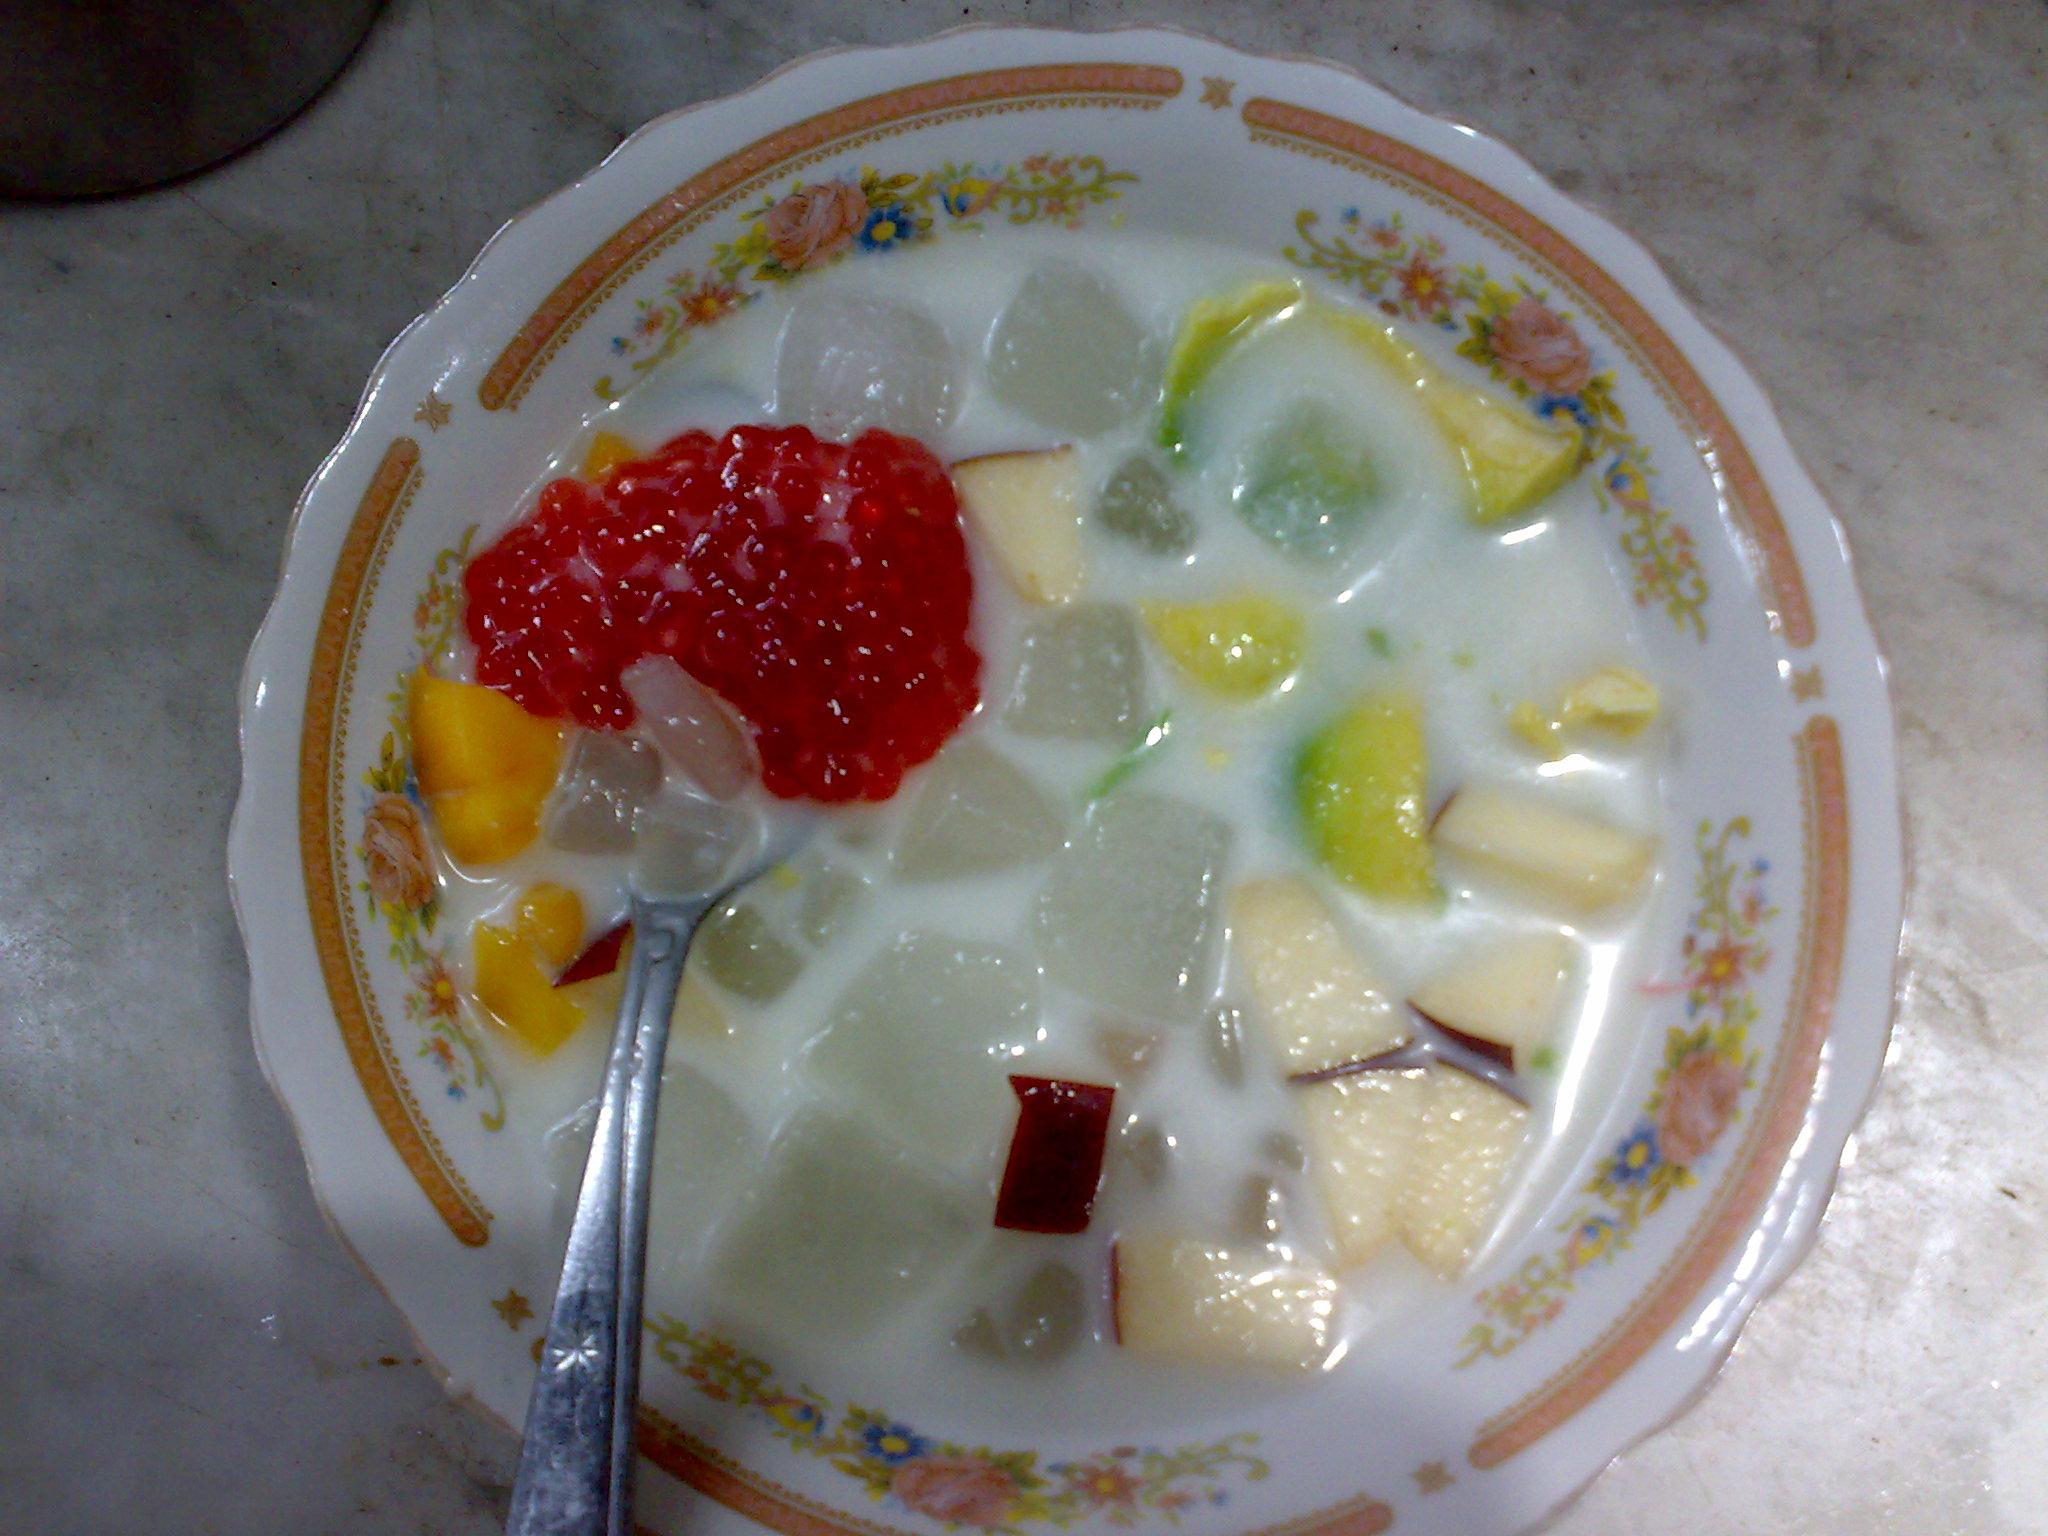 Resep Es Campur Sederhana dan Enak